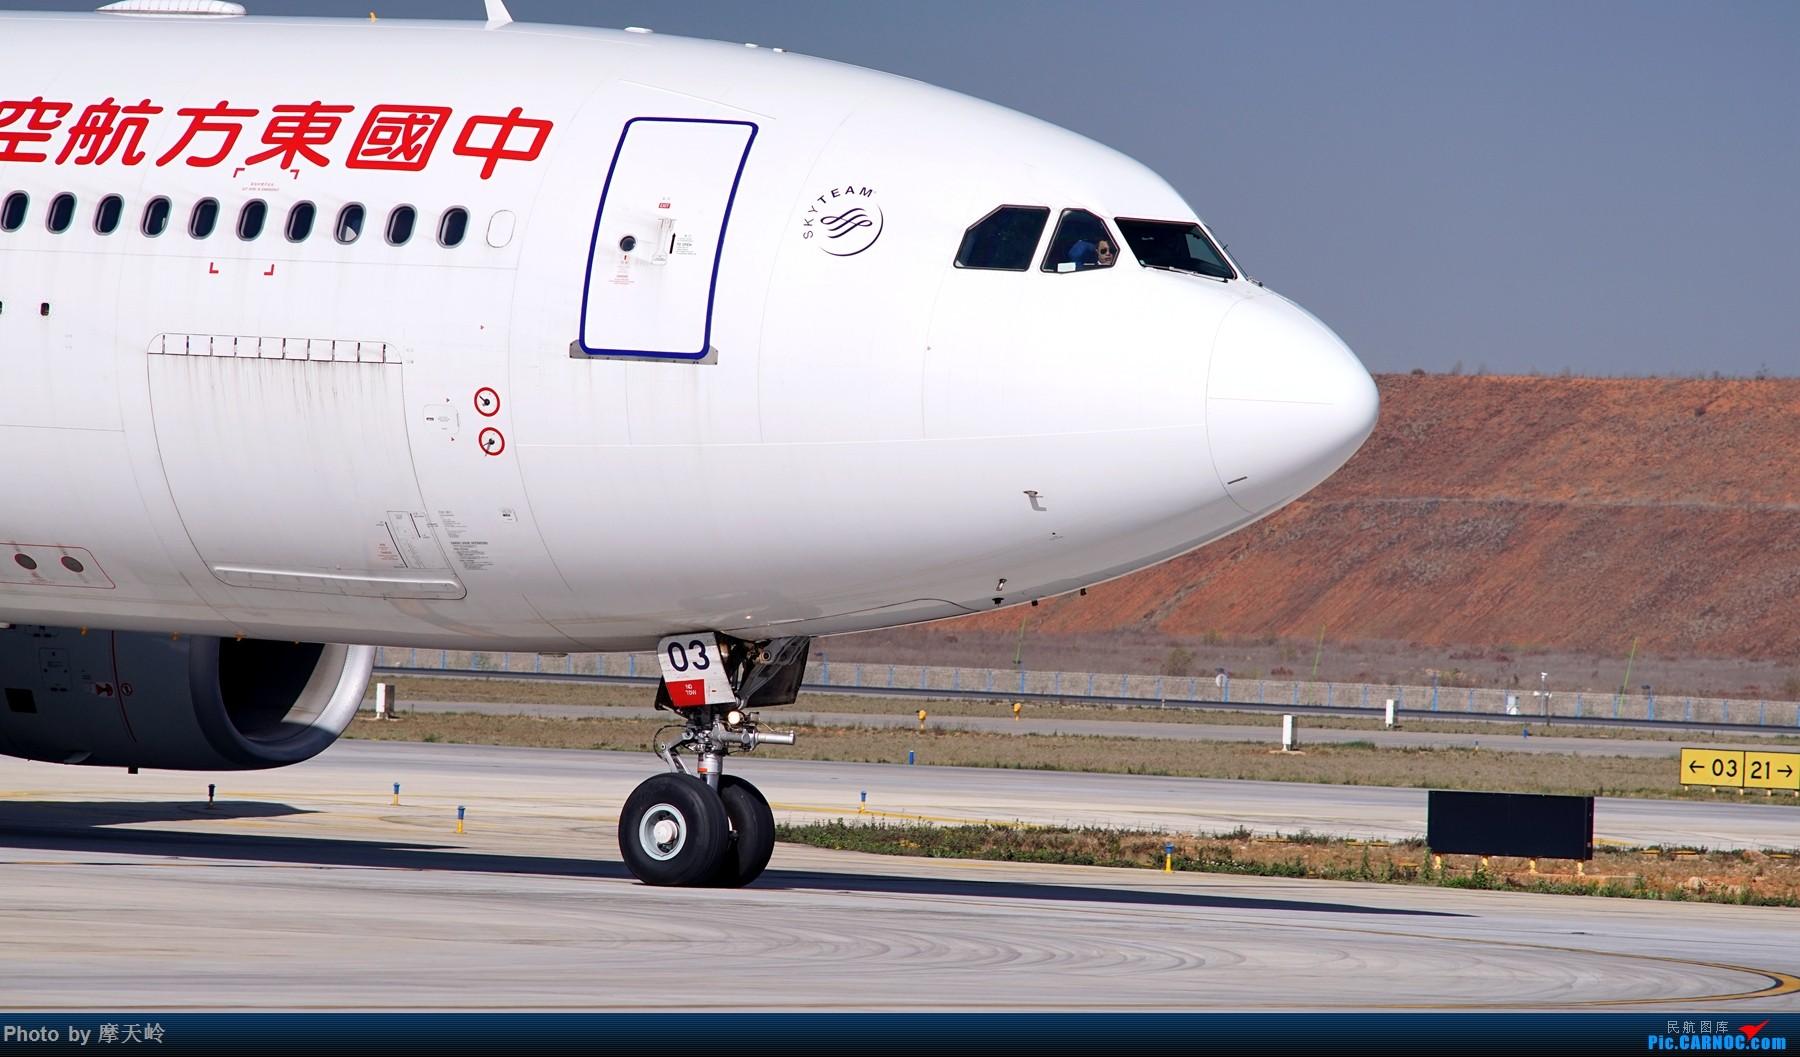 Re:[原创]【昆明长水】内场拍拍拍 AIRBUS A330-200 B-5903 中国昆明长水国际机场